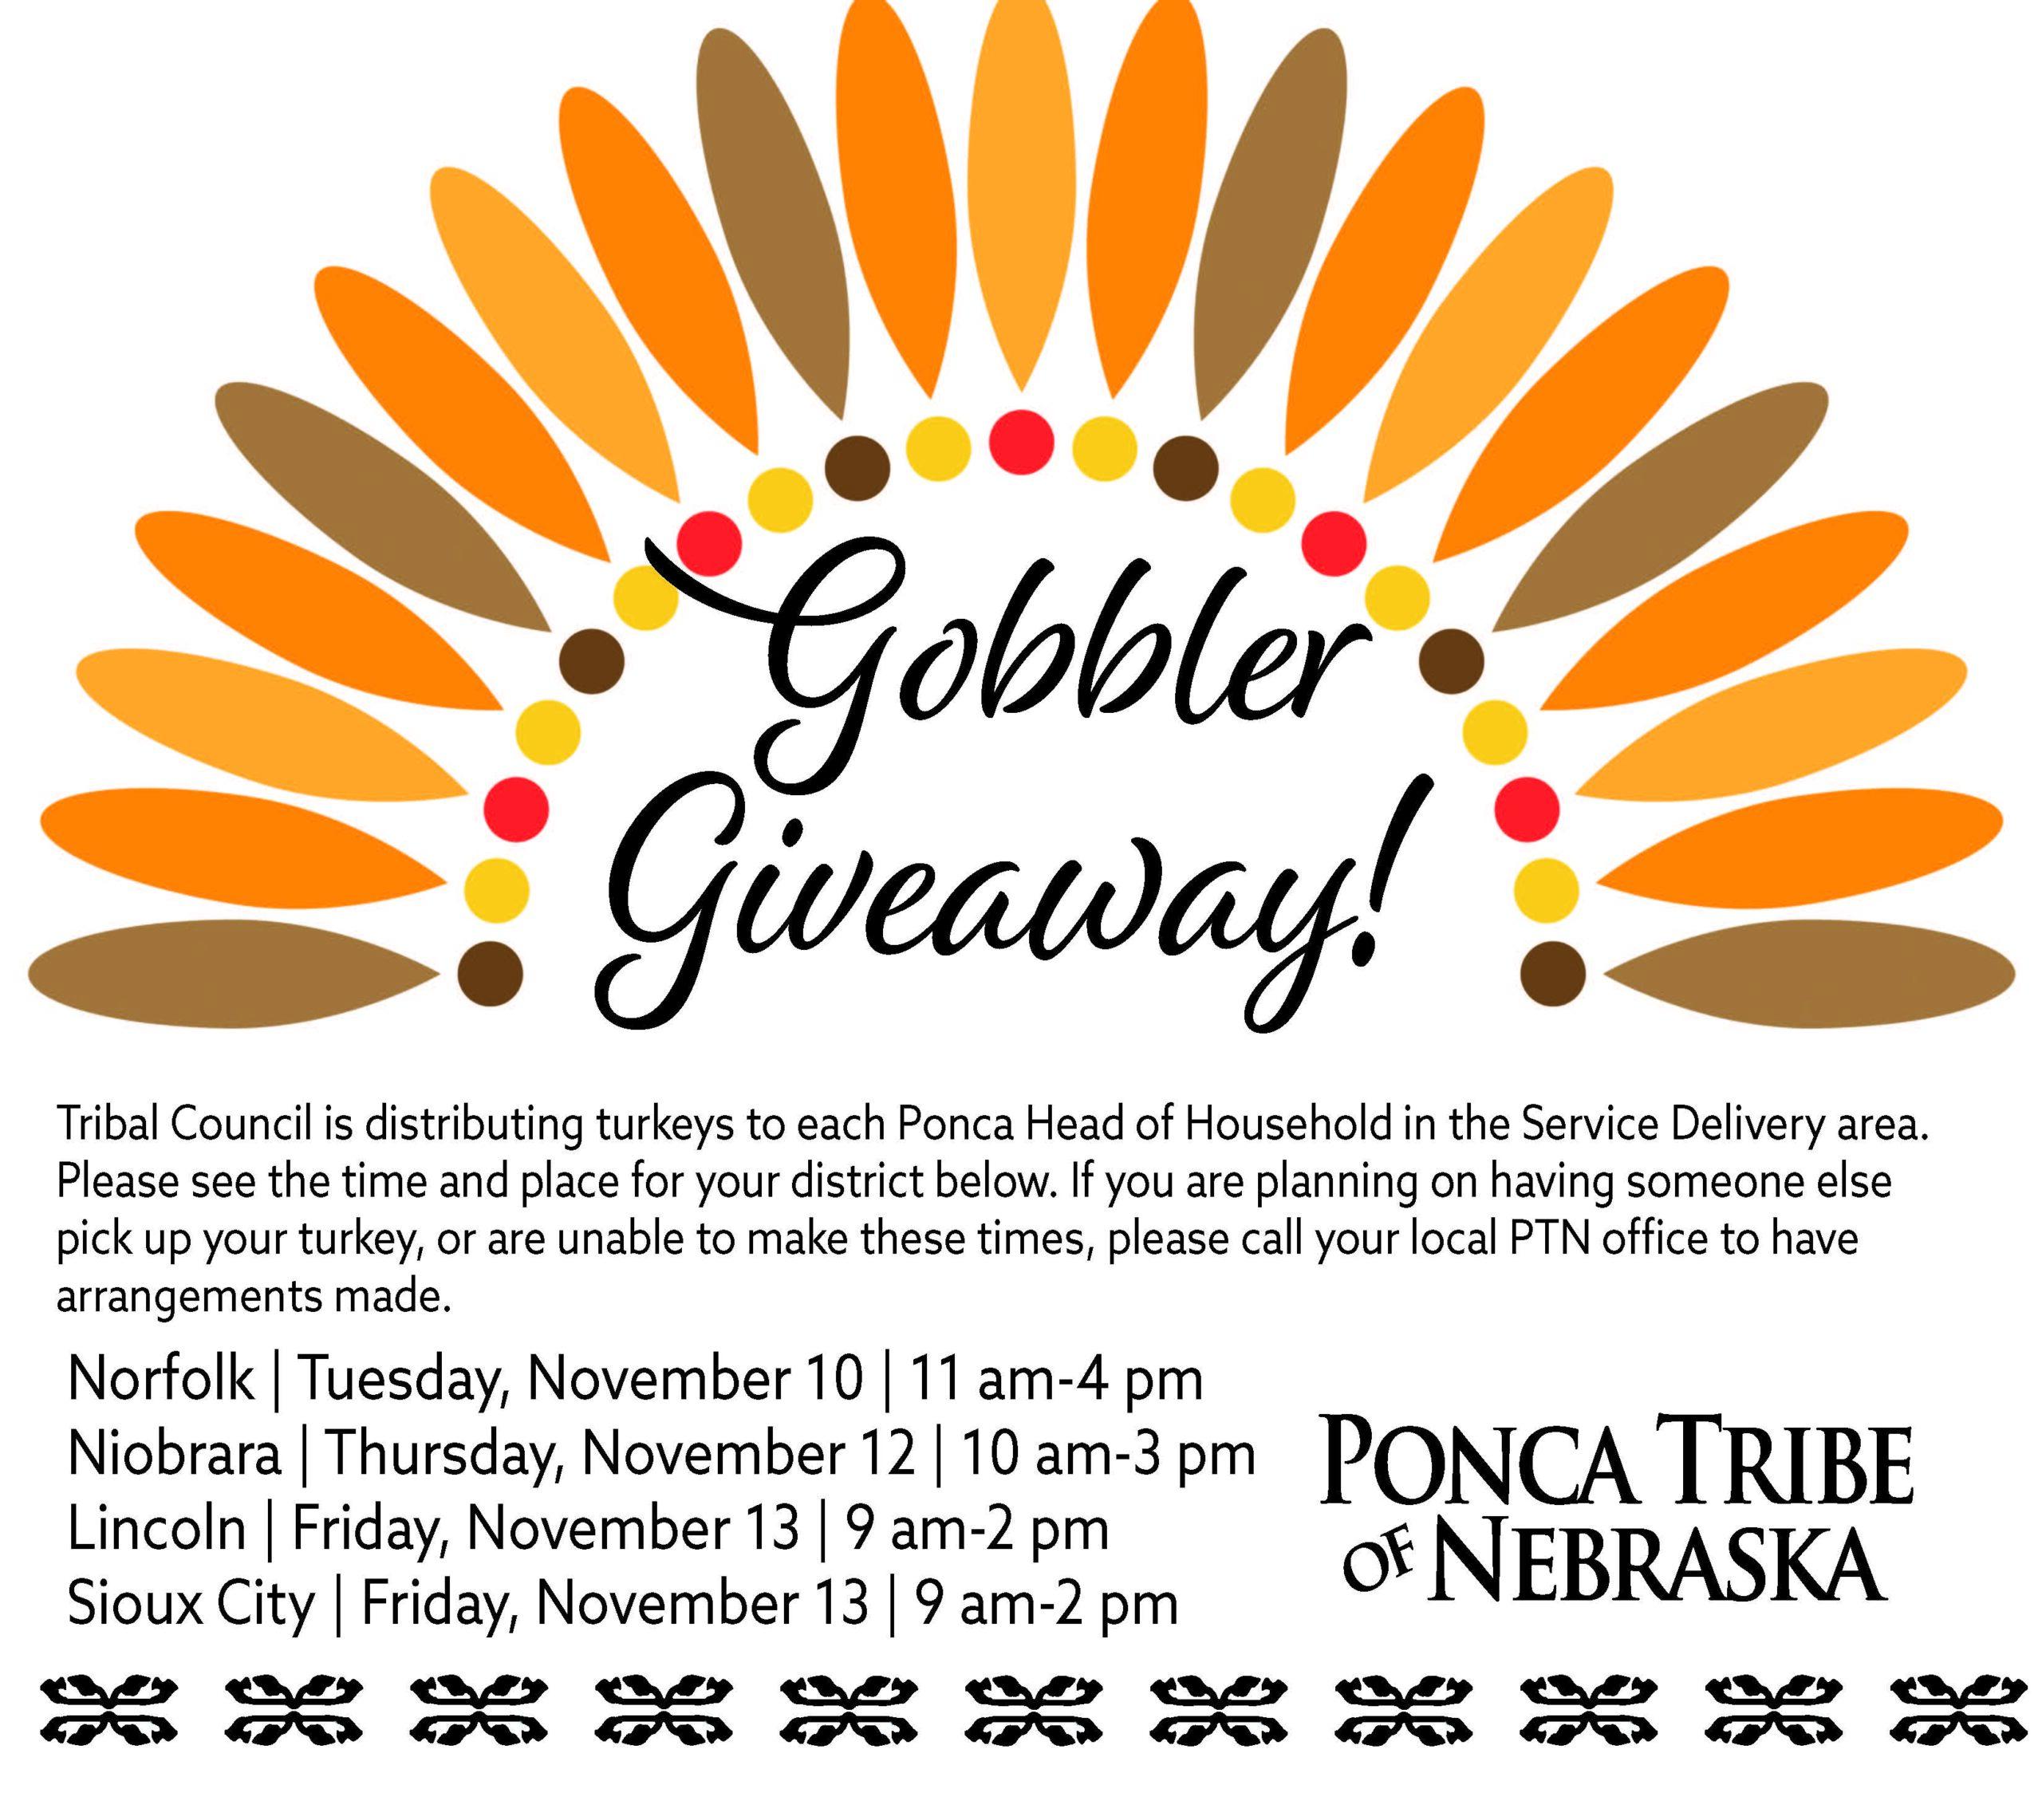 Gobbler Giveaway